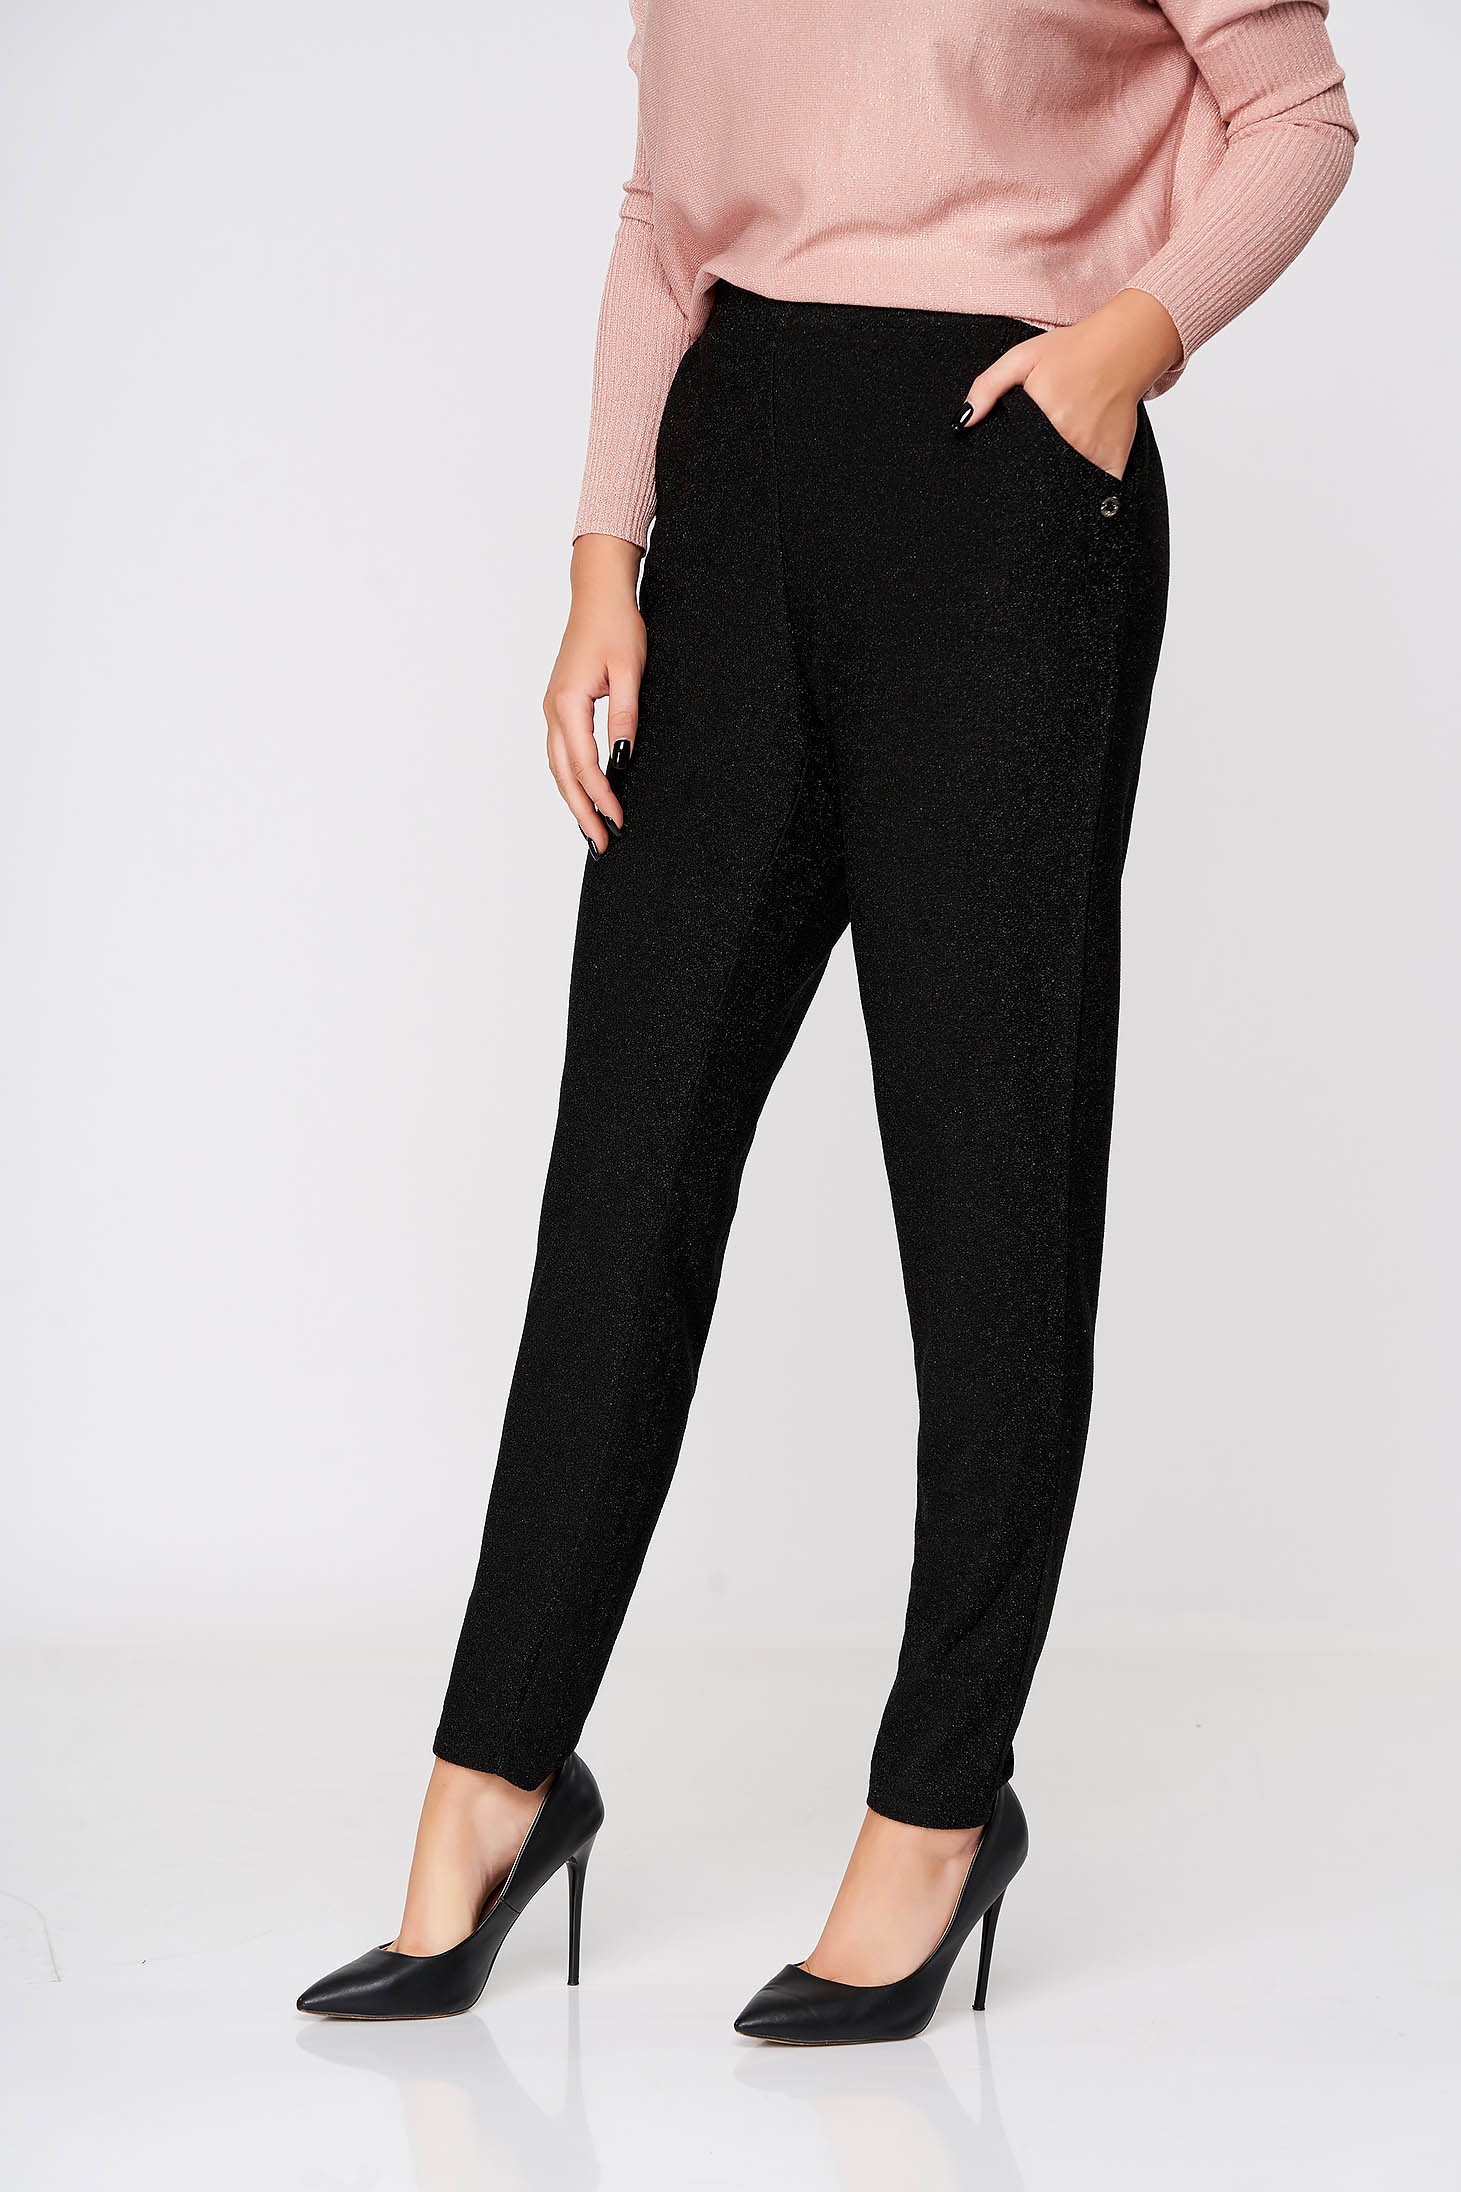 Pantaloni Top Secret negri lungi casual conici cu buzunare